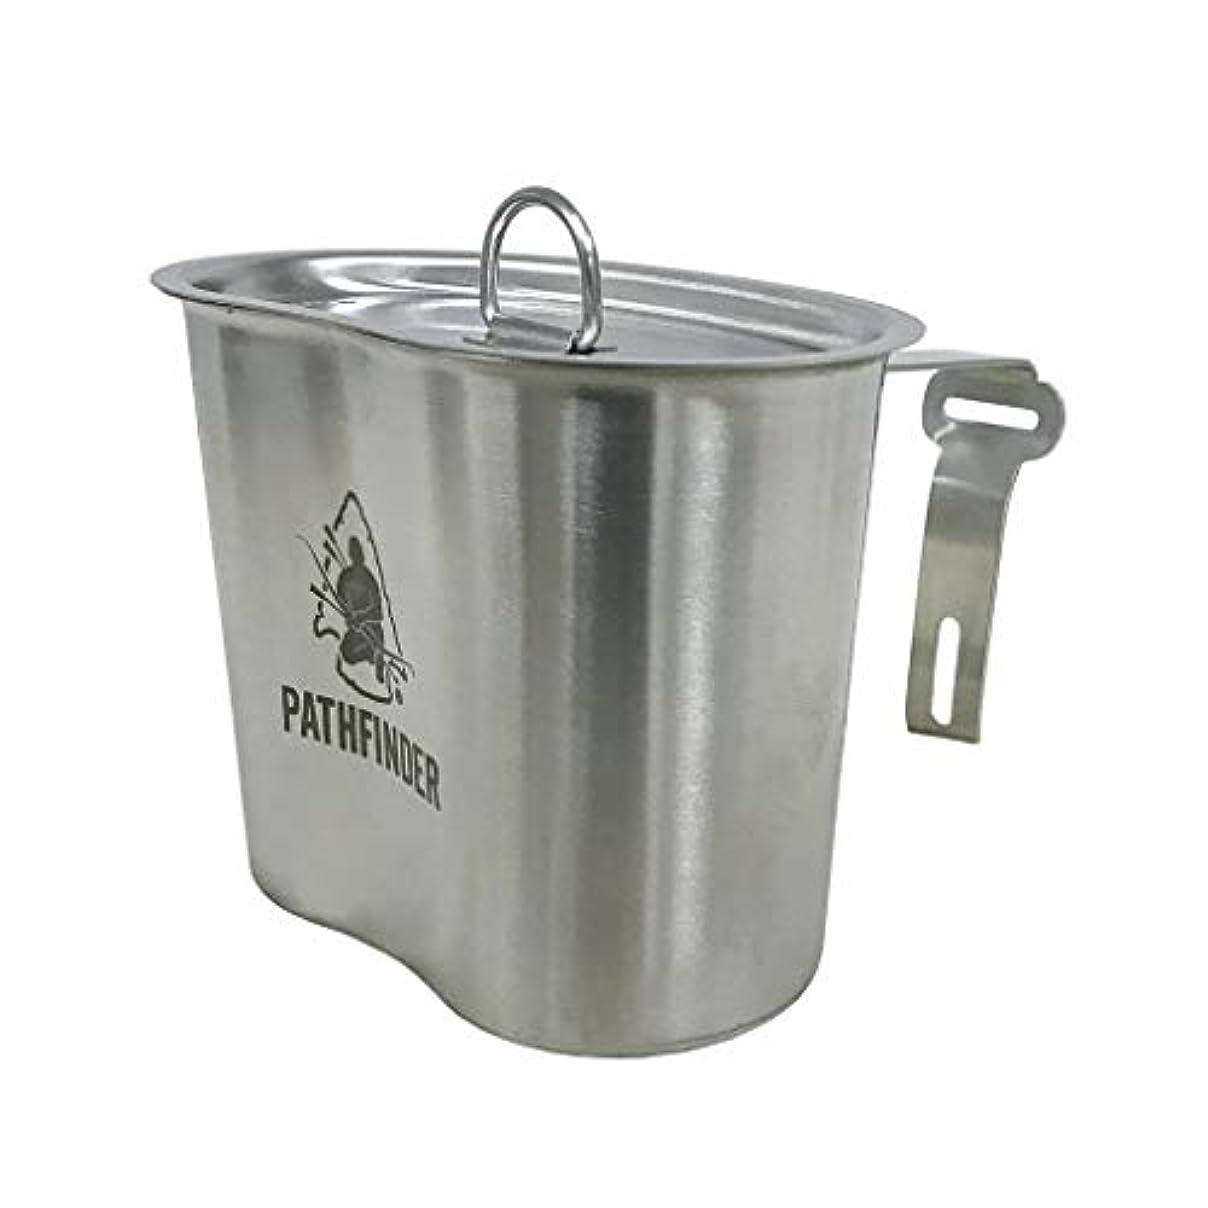 マイクロ積極的にクラブPATHFINDER (パスファインダー) Canteen Cup & Lid Set キャンティーン カップ&リッド // サバイバル ブッシュクラフト アウトドア キャンプ 野営